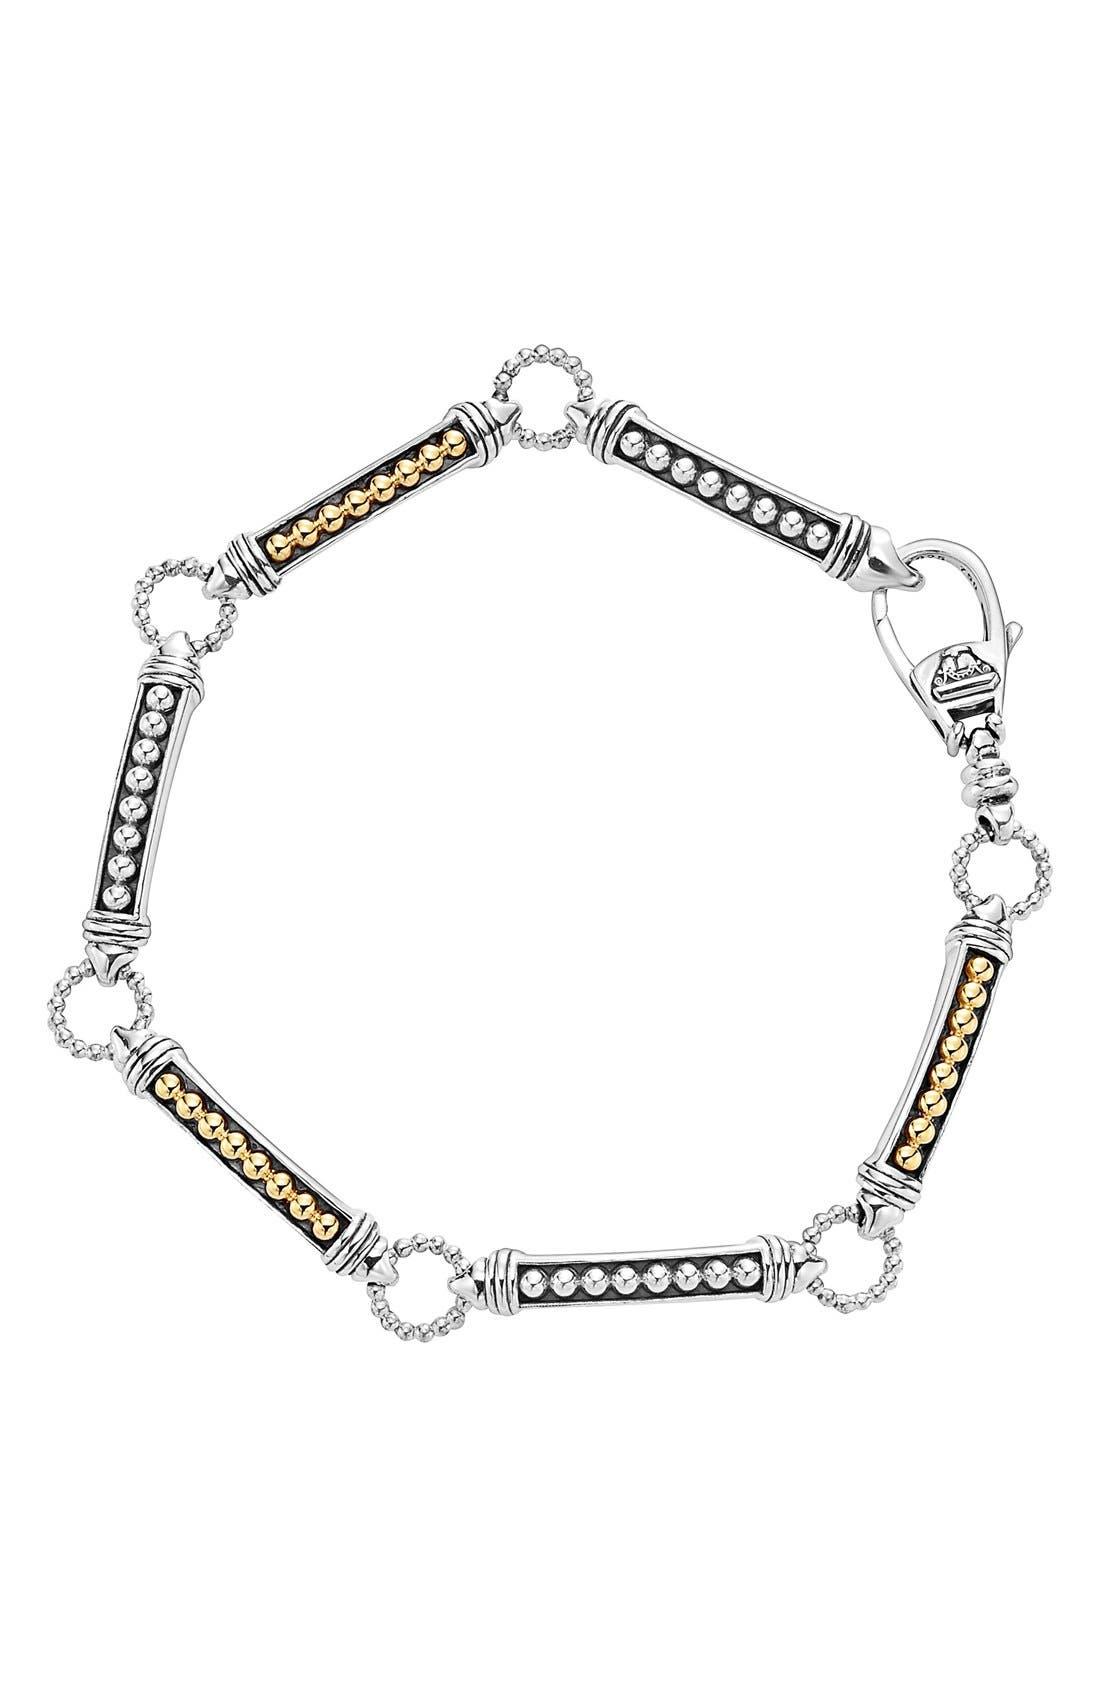 Caviar 'Superfine' Two-Tone Line Bracelet,                             Main thumbnail 1, color,                             040